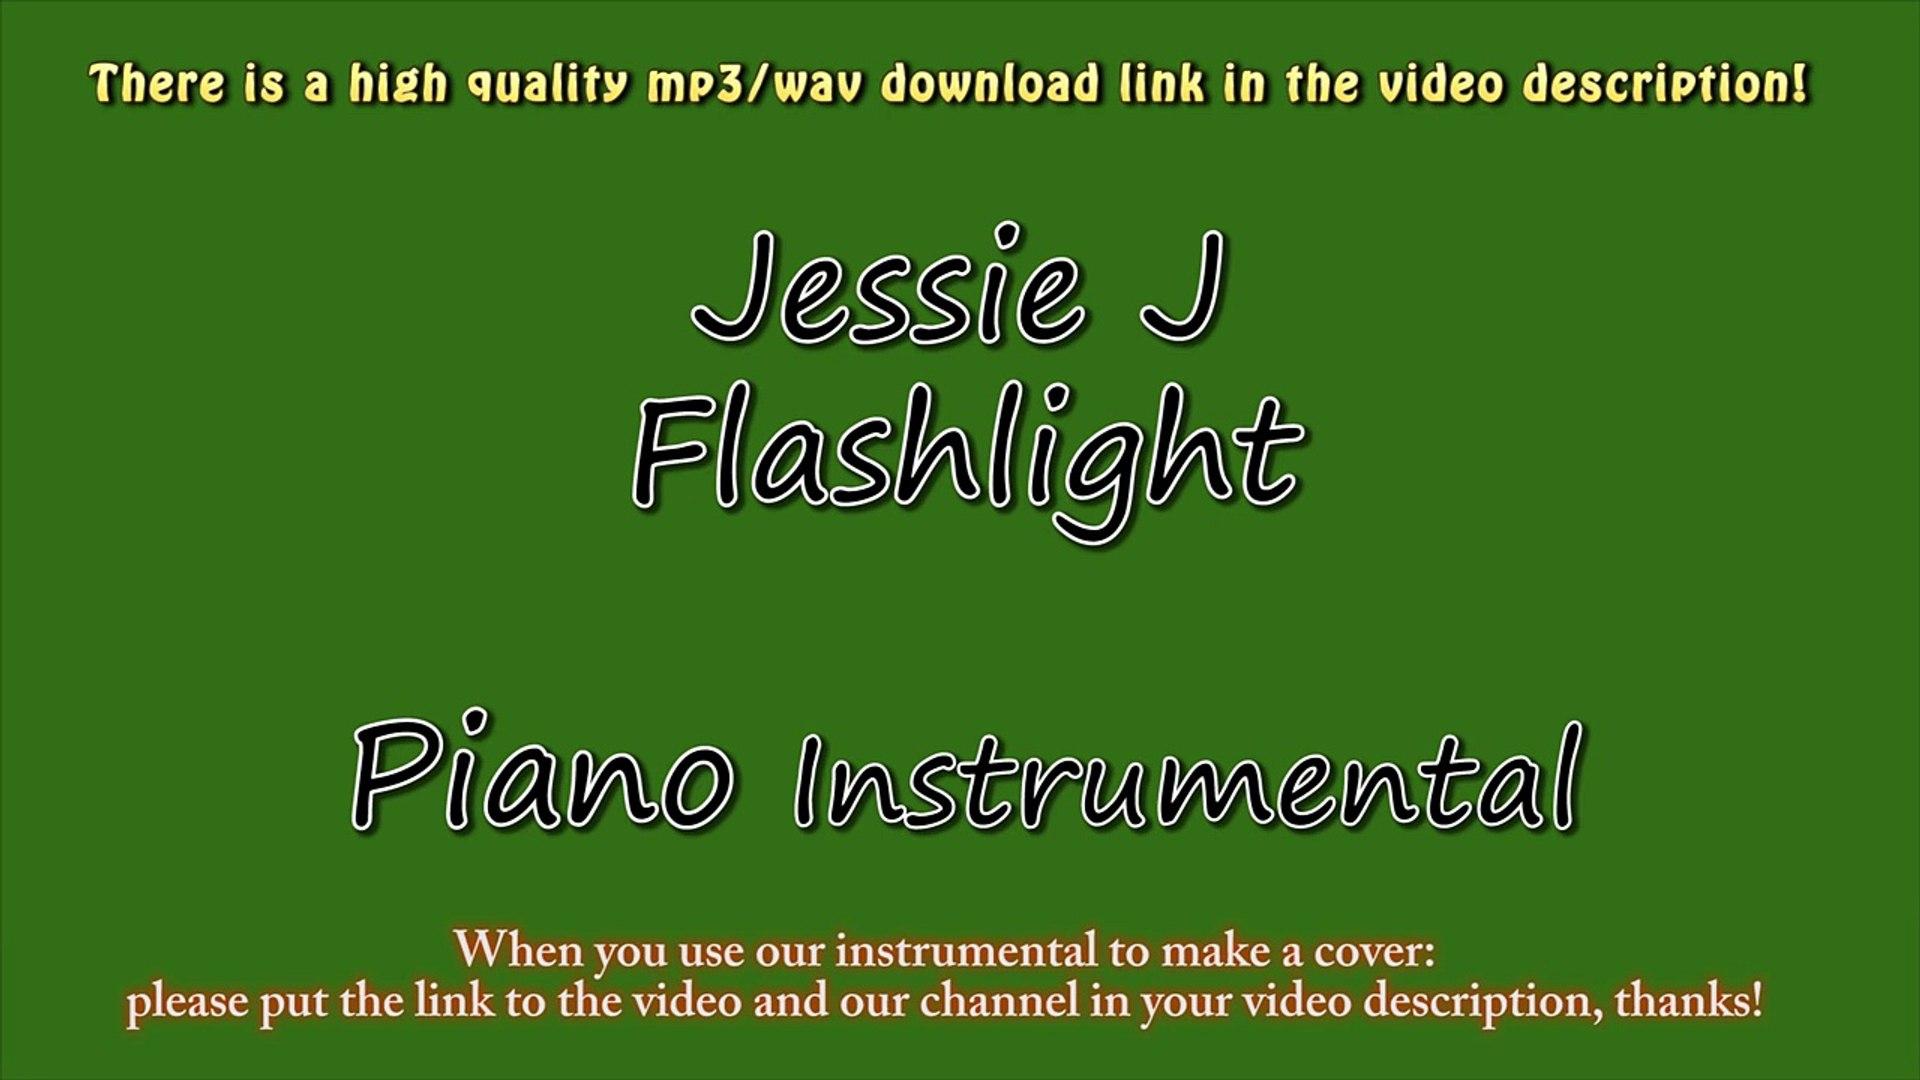 Jessie J - Flashlight (Piano Instrumental) - Pitch Perfect 2 - Karaoke